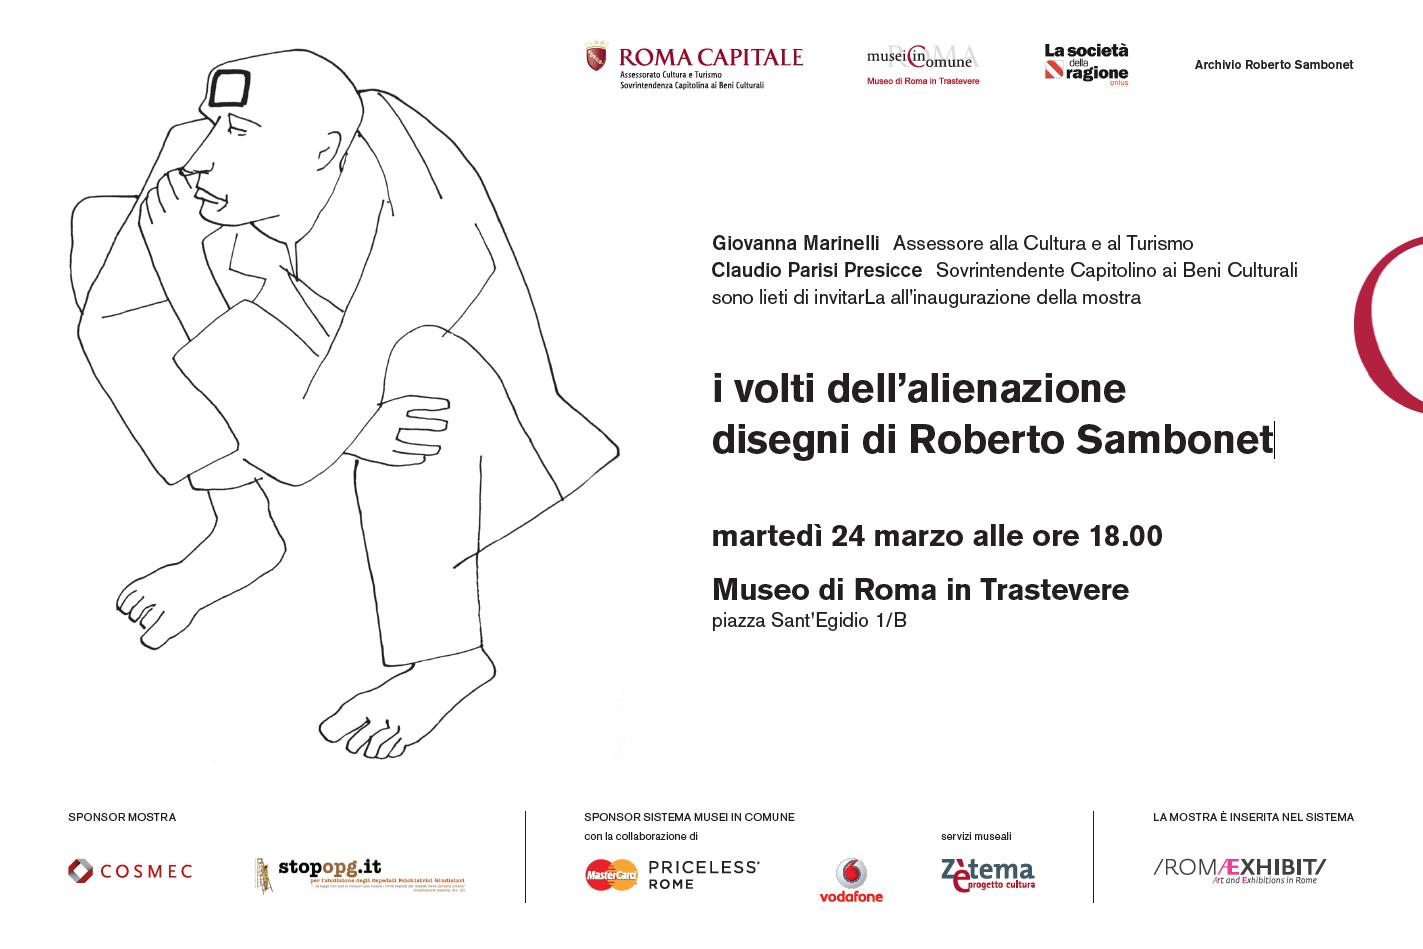 I VOLTI DELL'ALIENAZIONE. Disegni di Roberto Sambonet. Roma, Museo di Roma in Trastevere 25 marzo – 3 maggio 2015. Inaugurazione: martedì 24 marzo ore 18.00